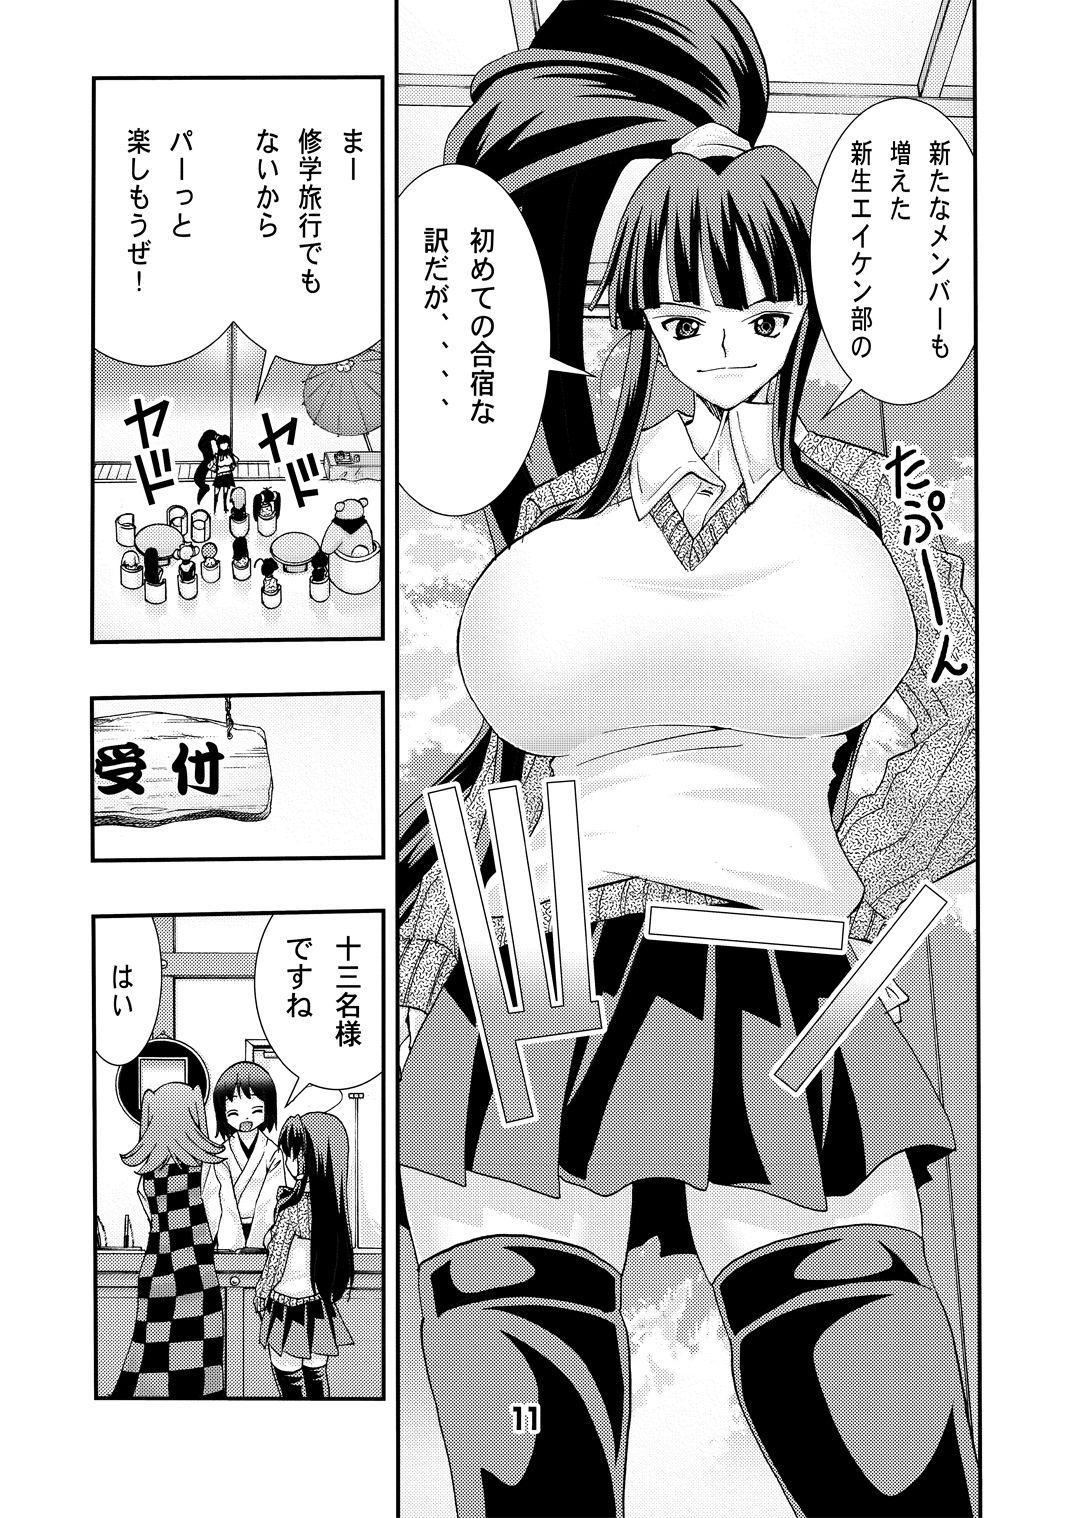 Eiken Rensai Kaishi 10-shuunen Kinen Bon Kaiteiban Sai 10